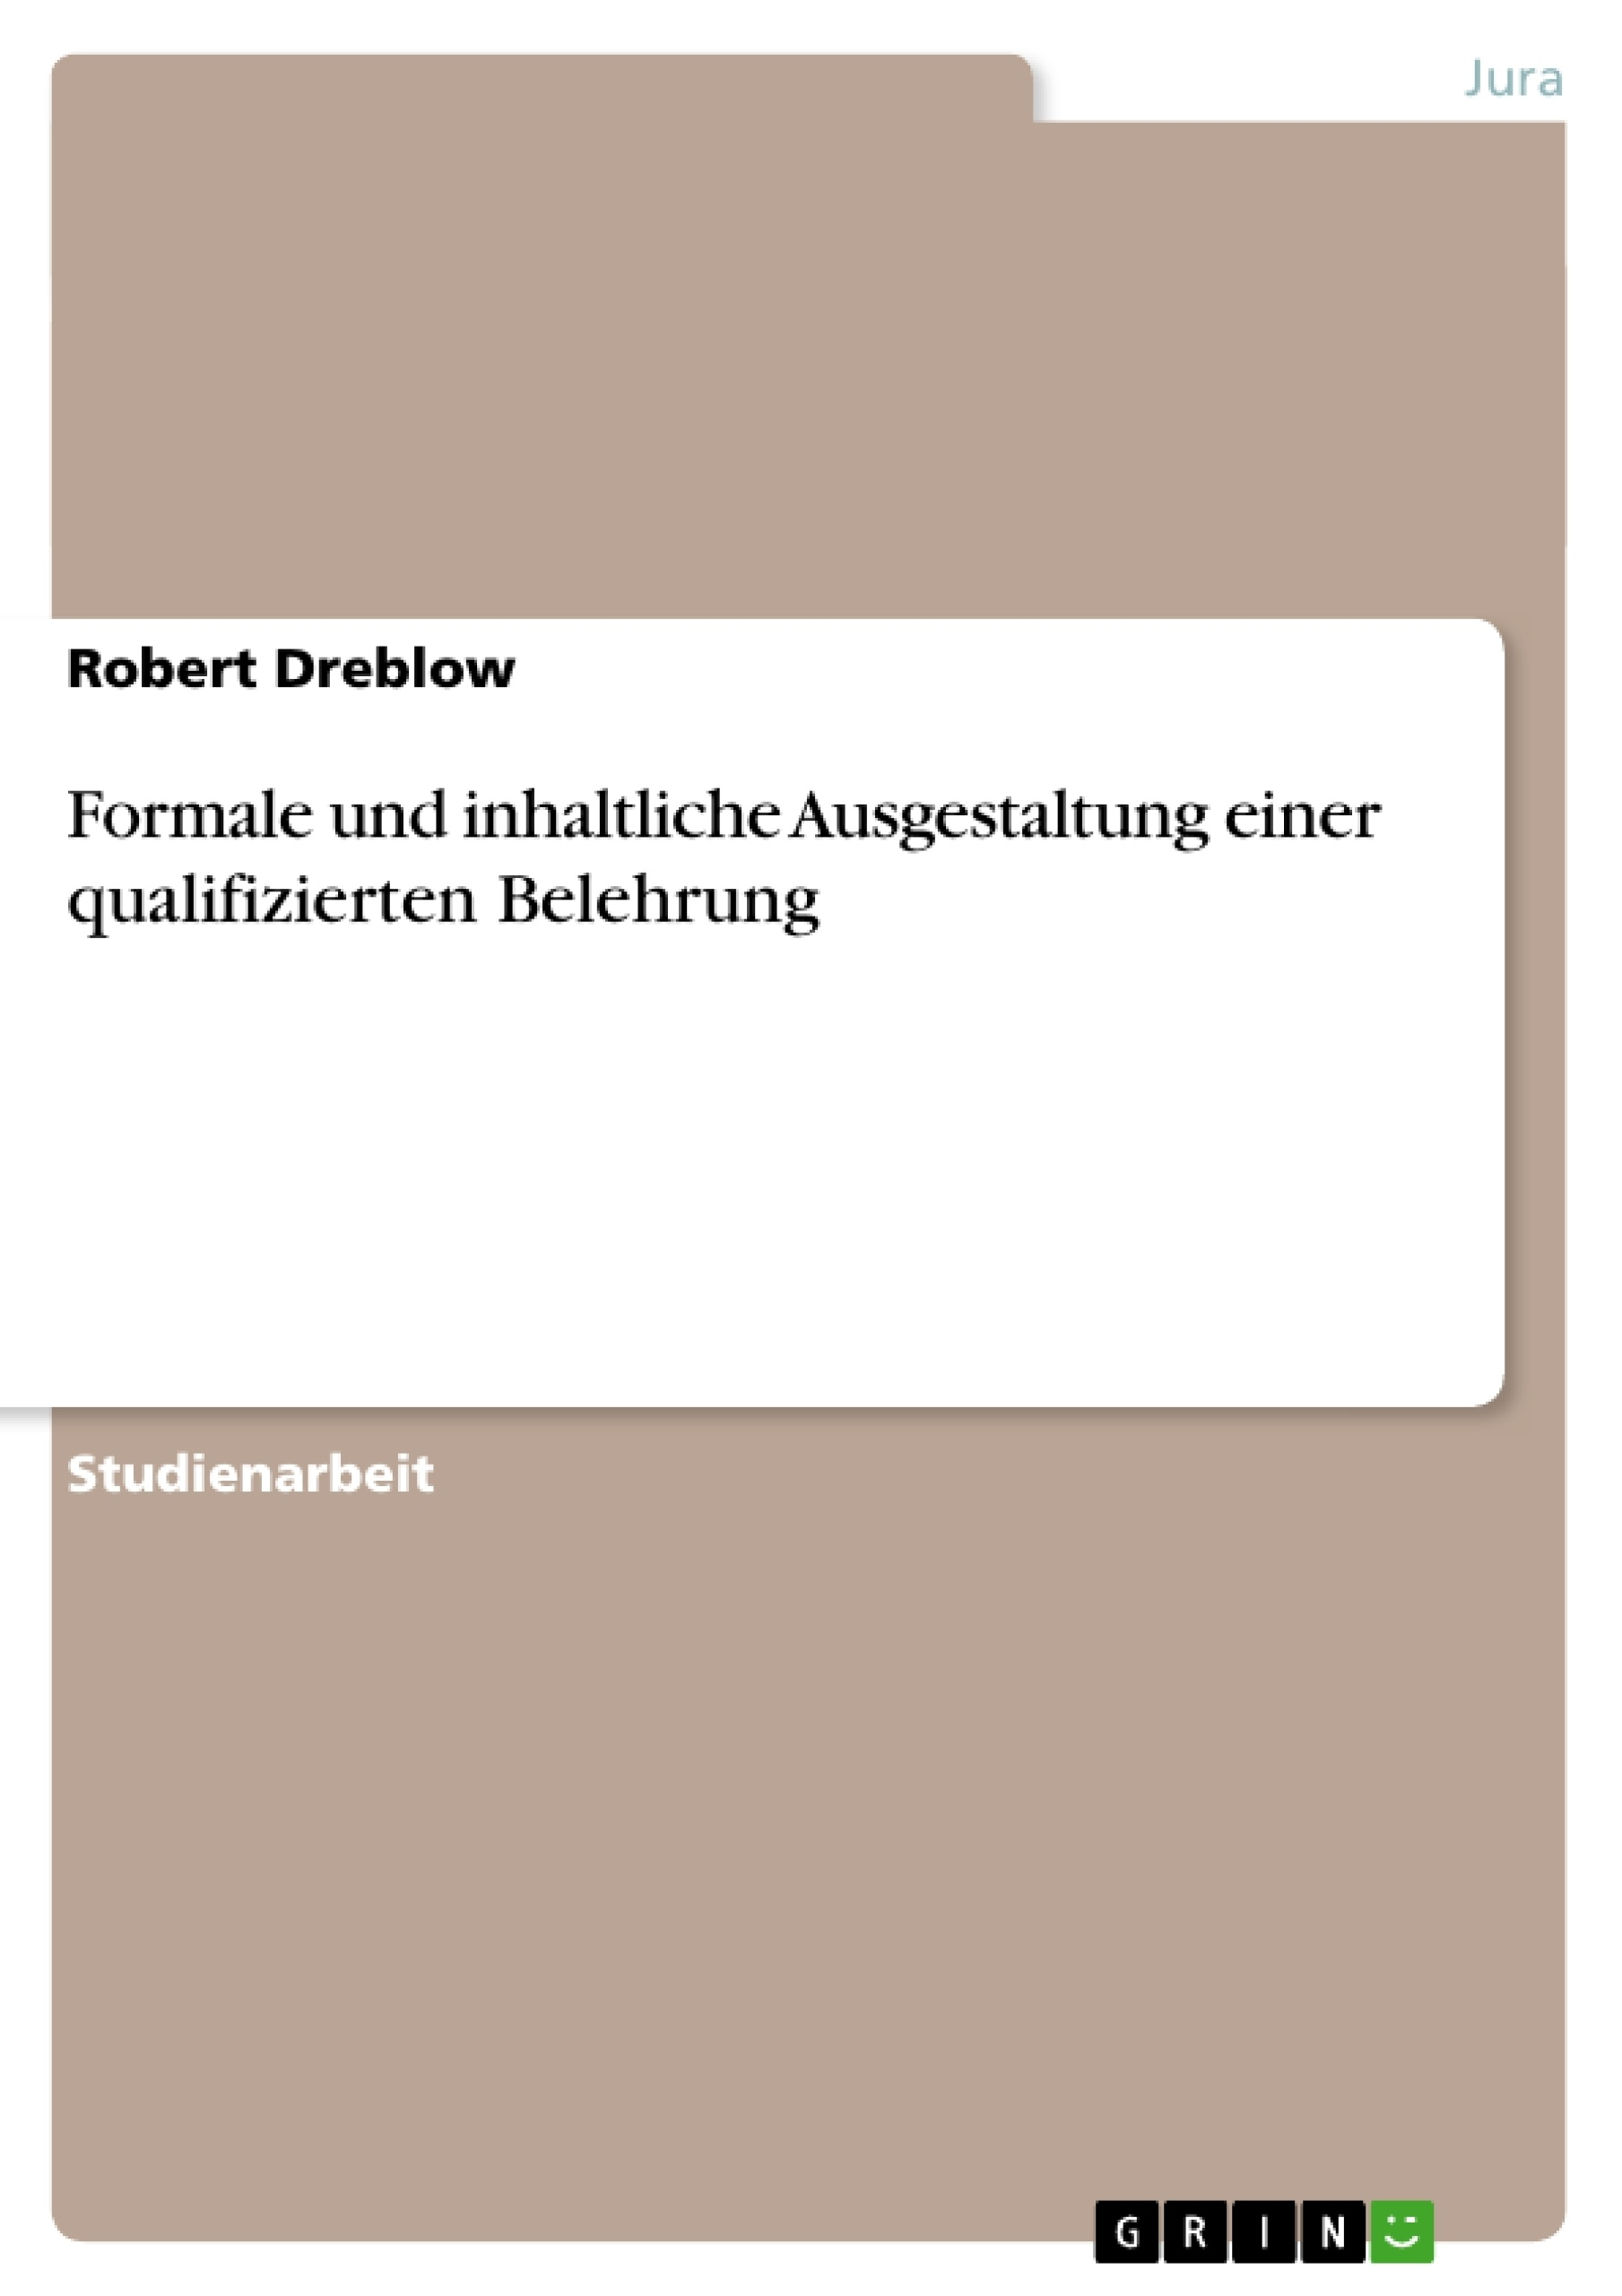 Titel: Formale und inhaltliche Ausgestaltung einer qualifizierten Belehrung